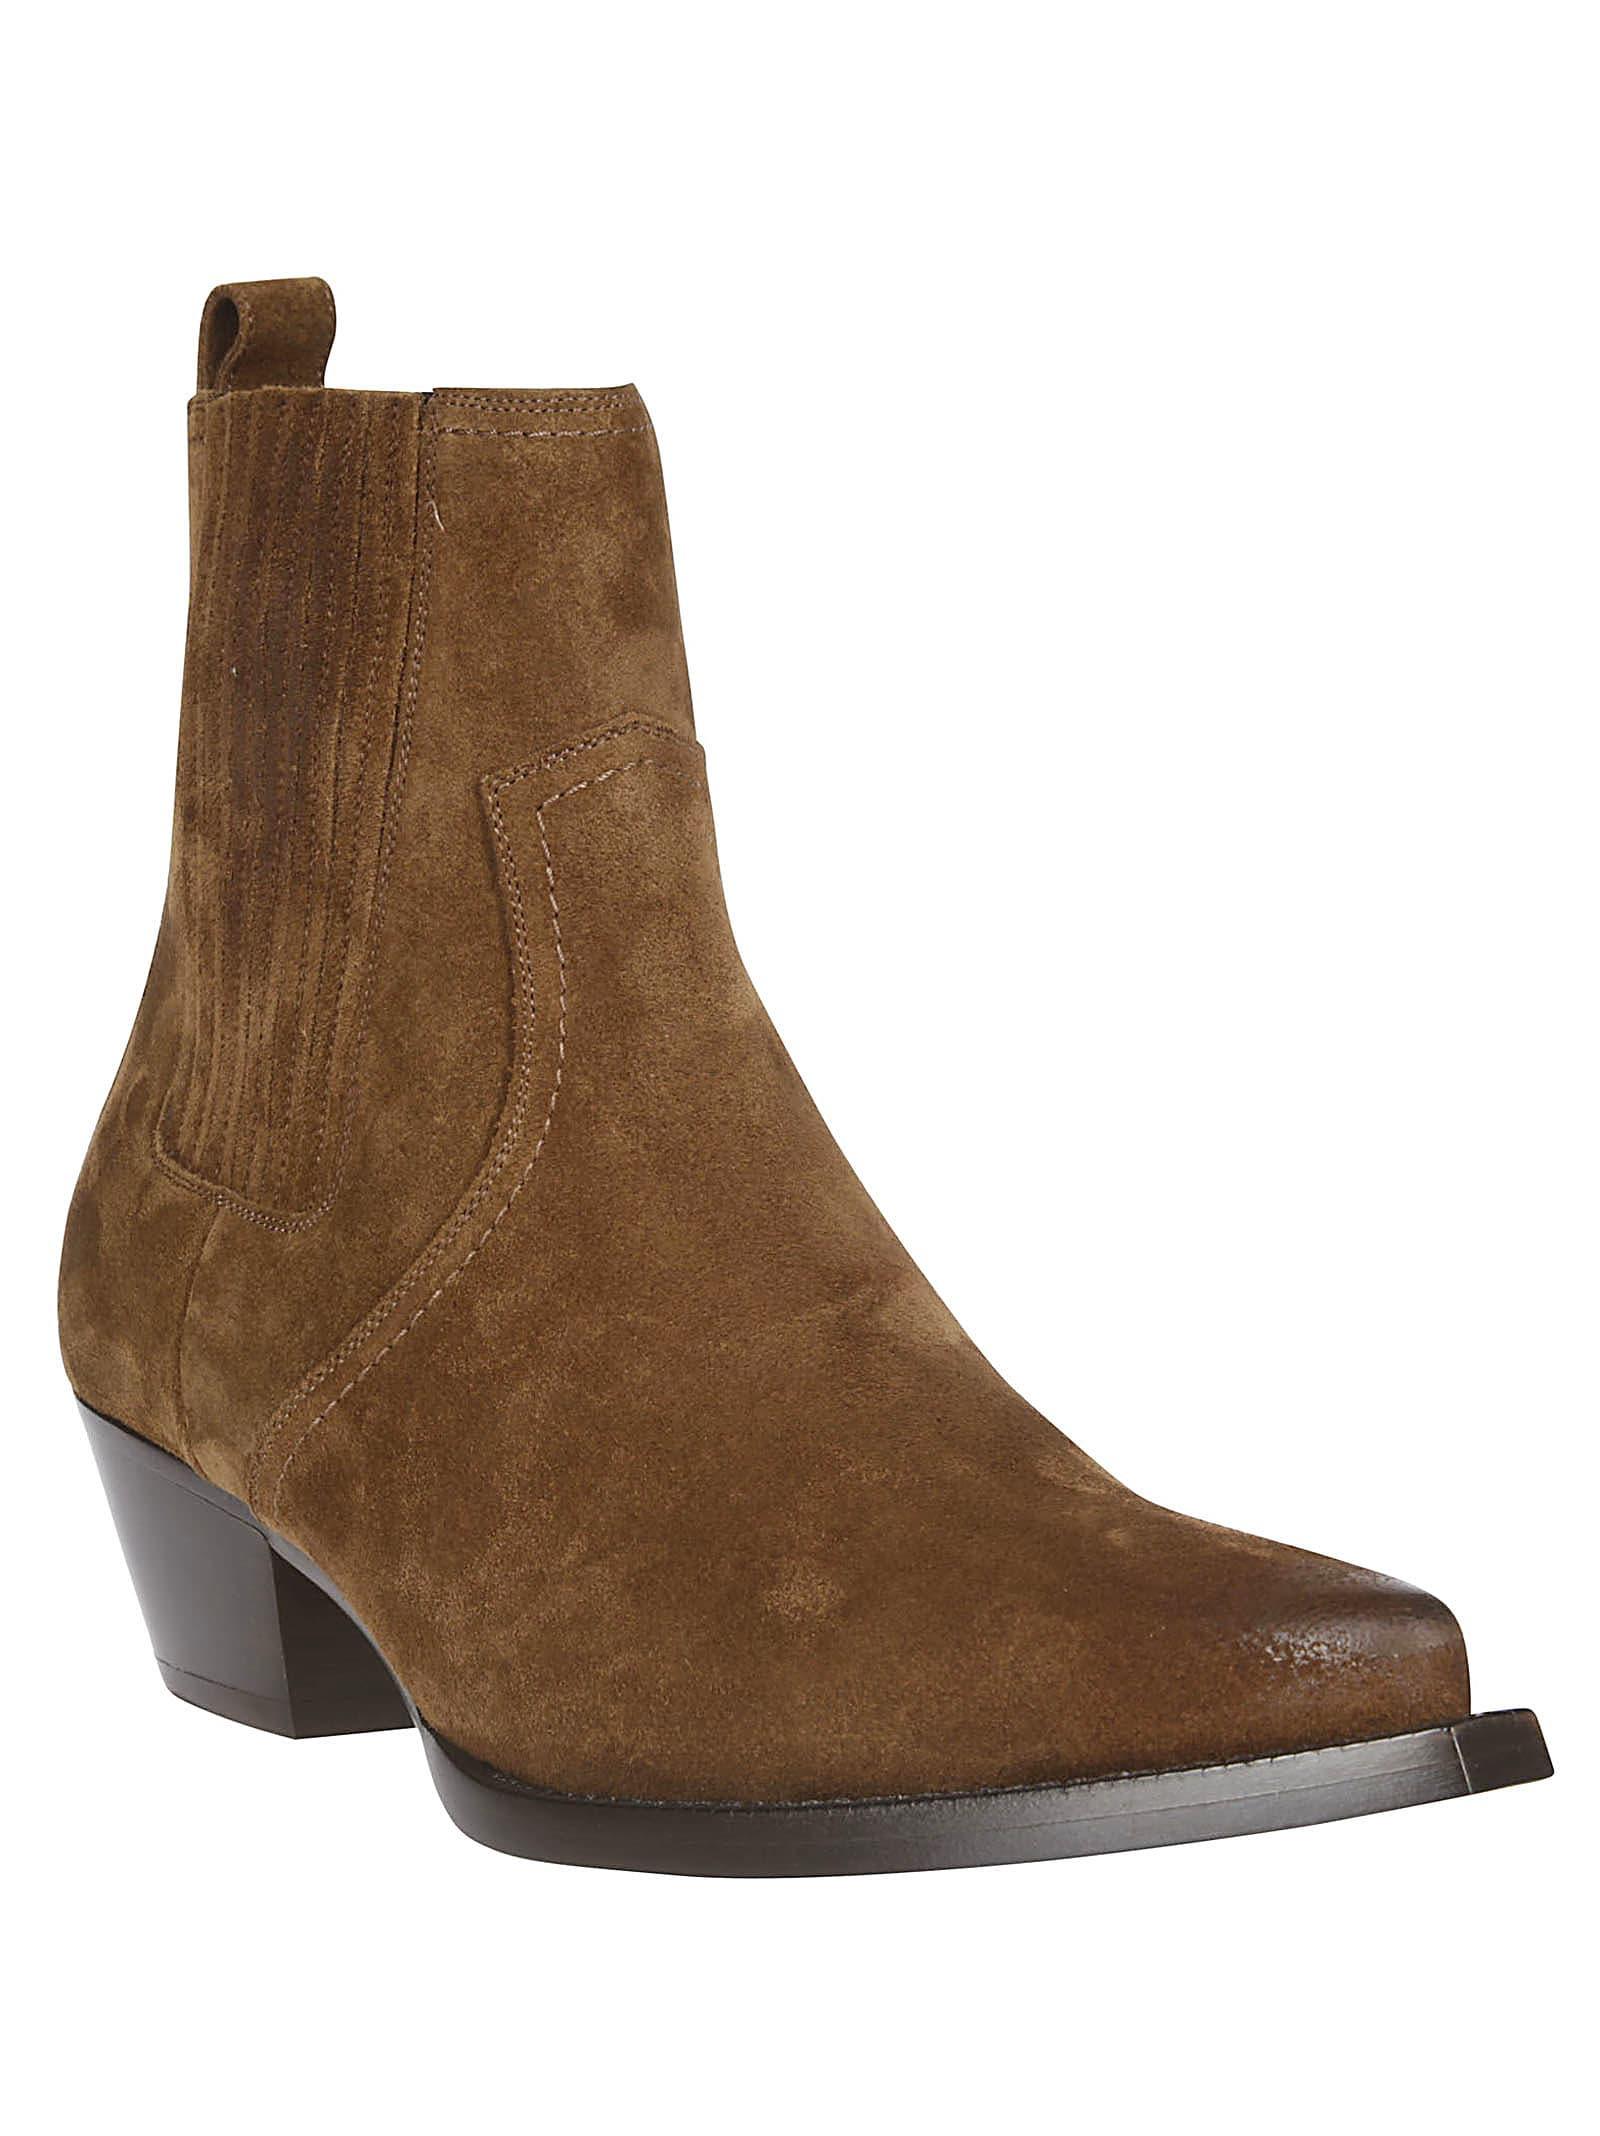 83485fb06cc Saint Laurent Suede Cowboy Boots